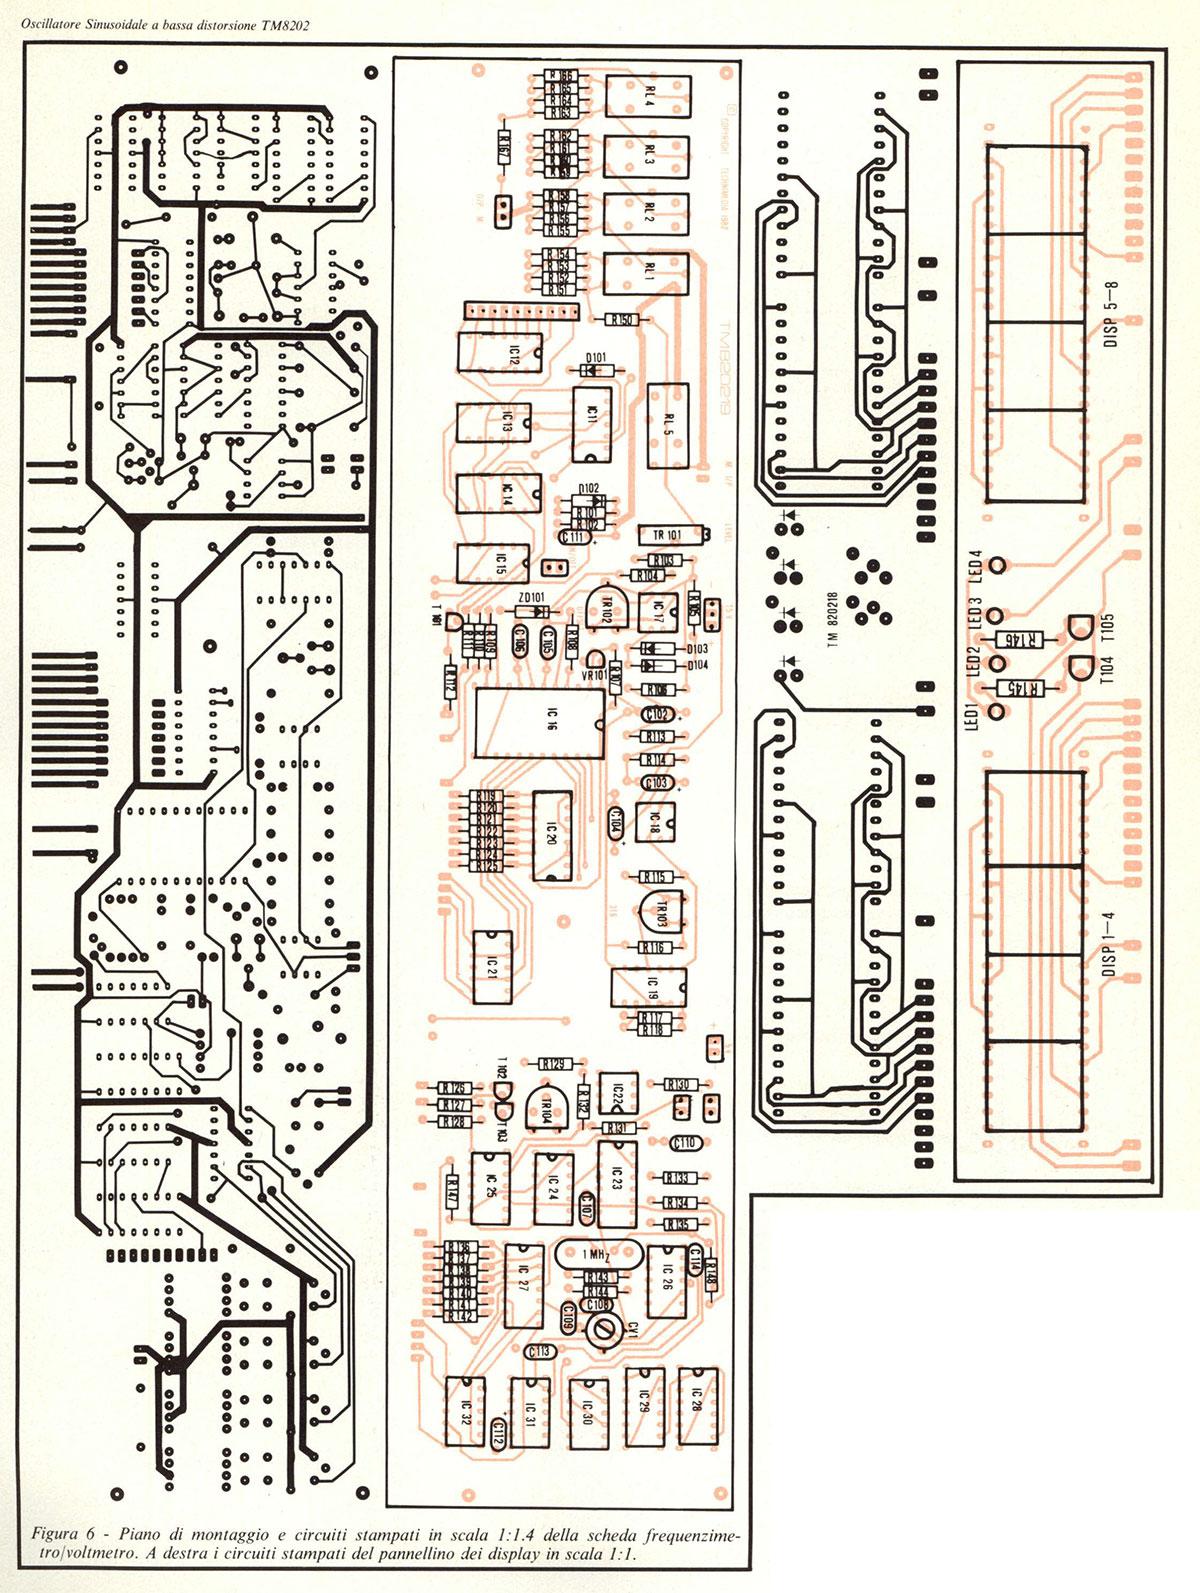 Schema Elettrico Zip 50 : Hammond schematics here and elsewhere on the net